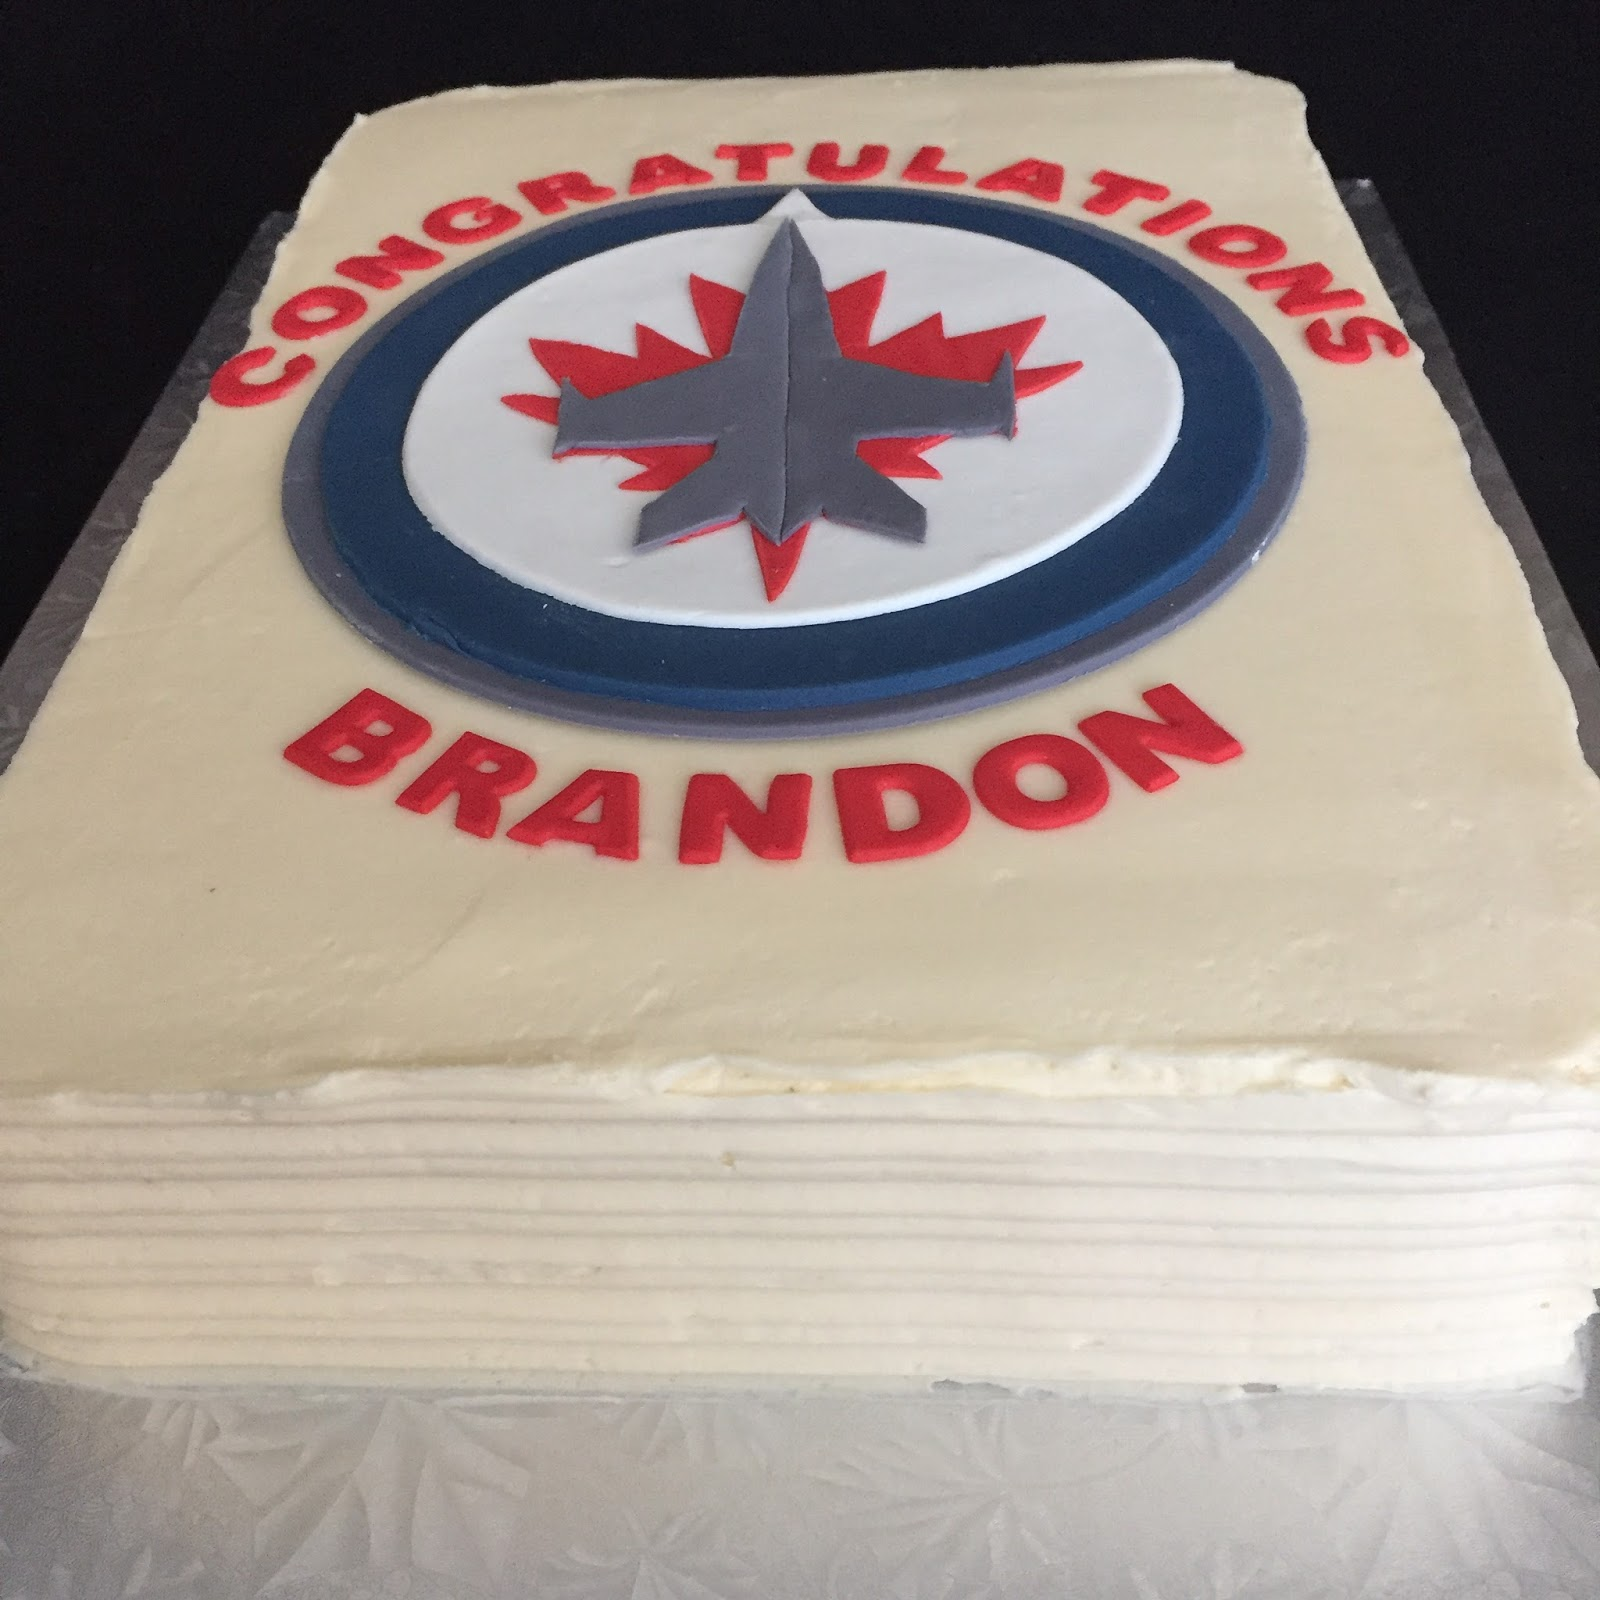 Winnipeg Jets Cake